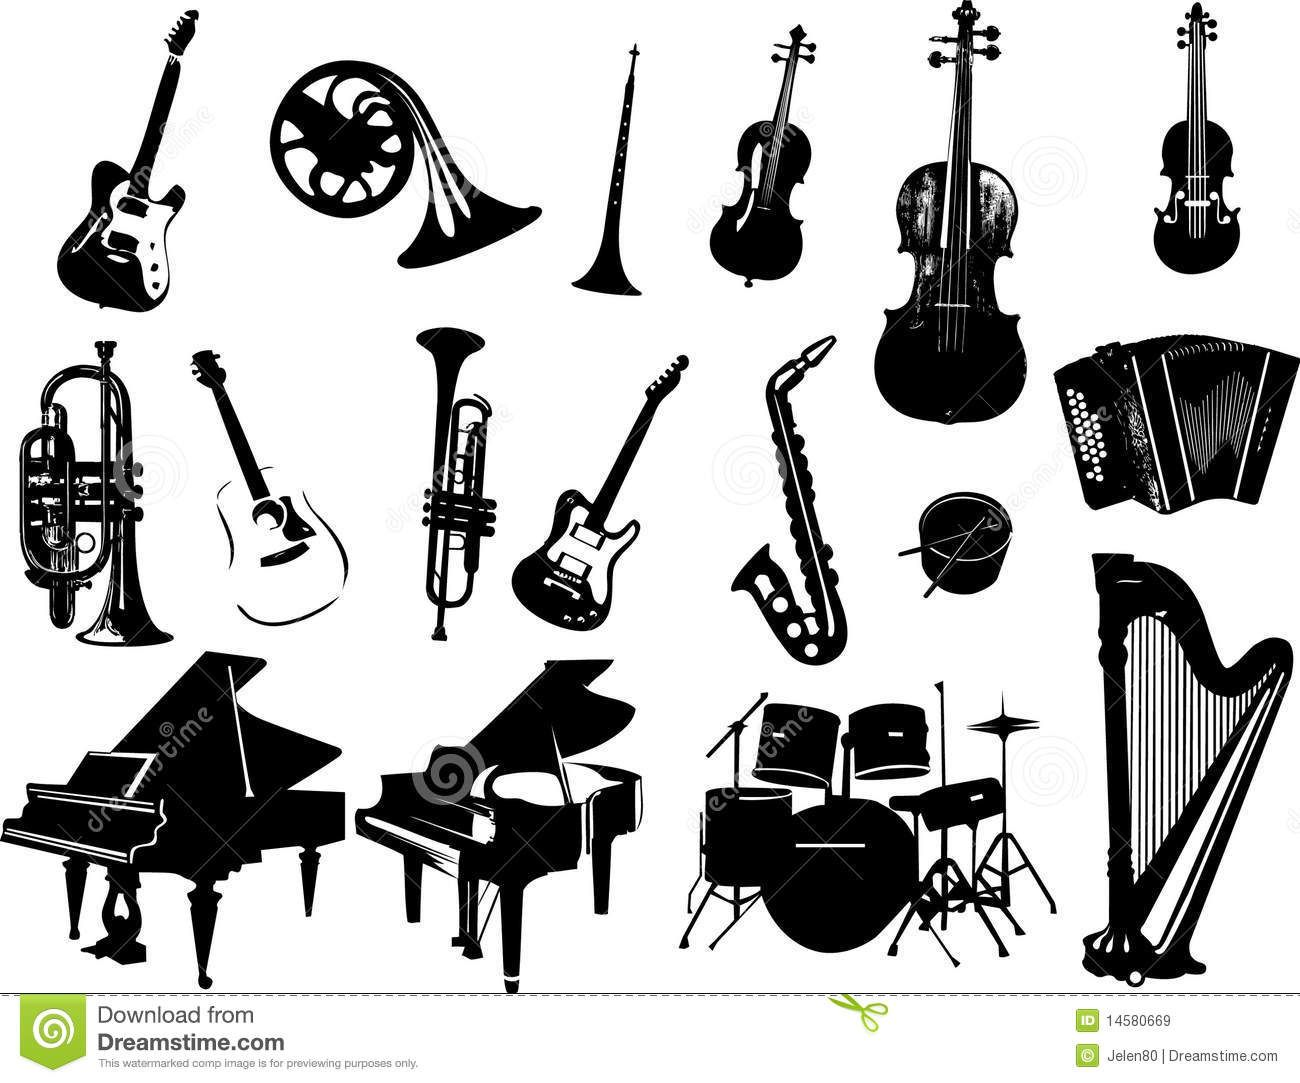 Pingl par etienne establie sur instruments musique instruments et musique - Image instrument de musique a colorier ...